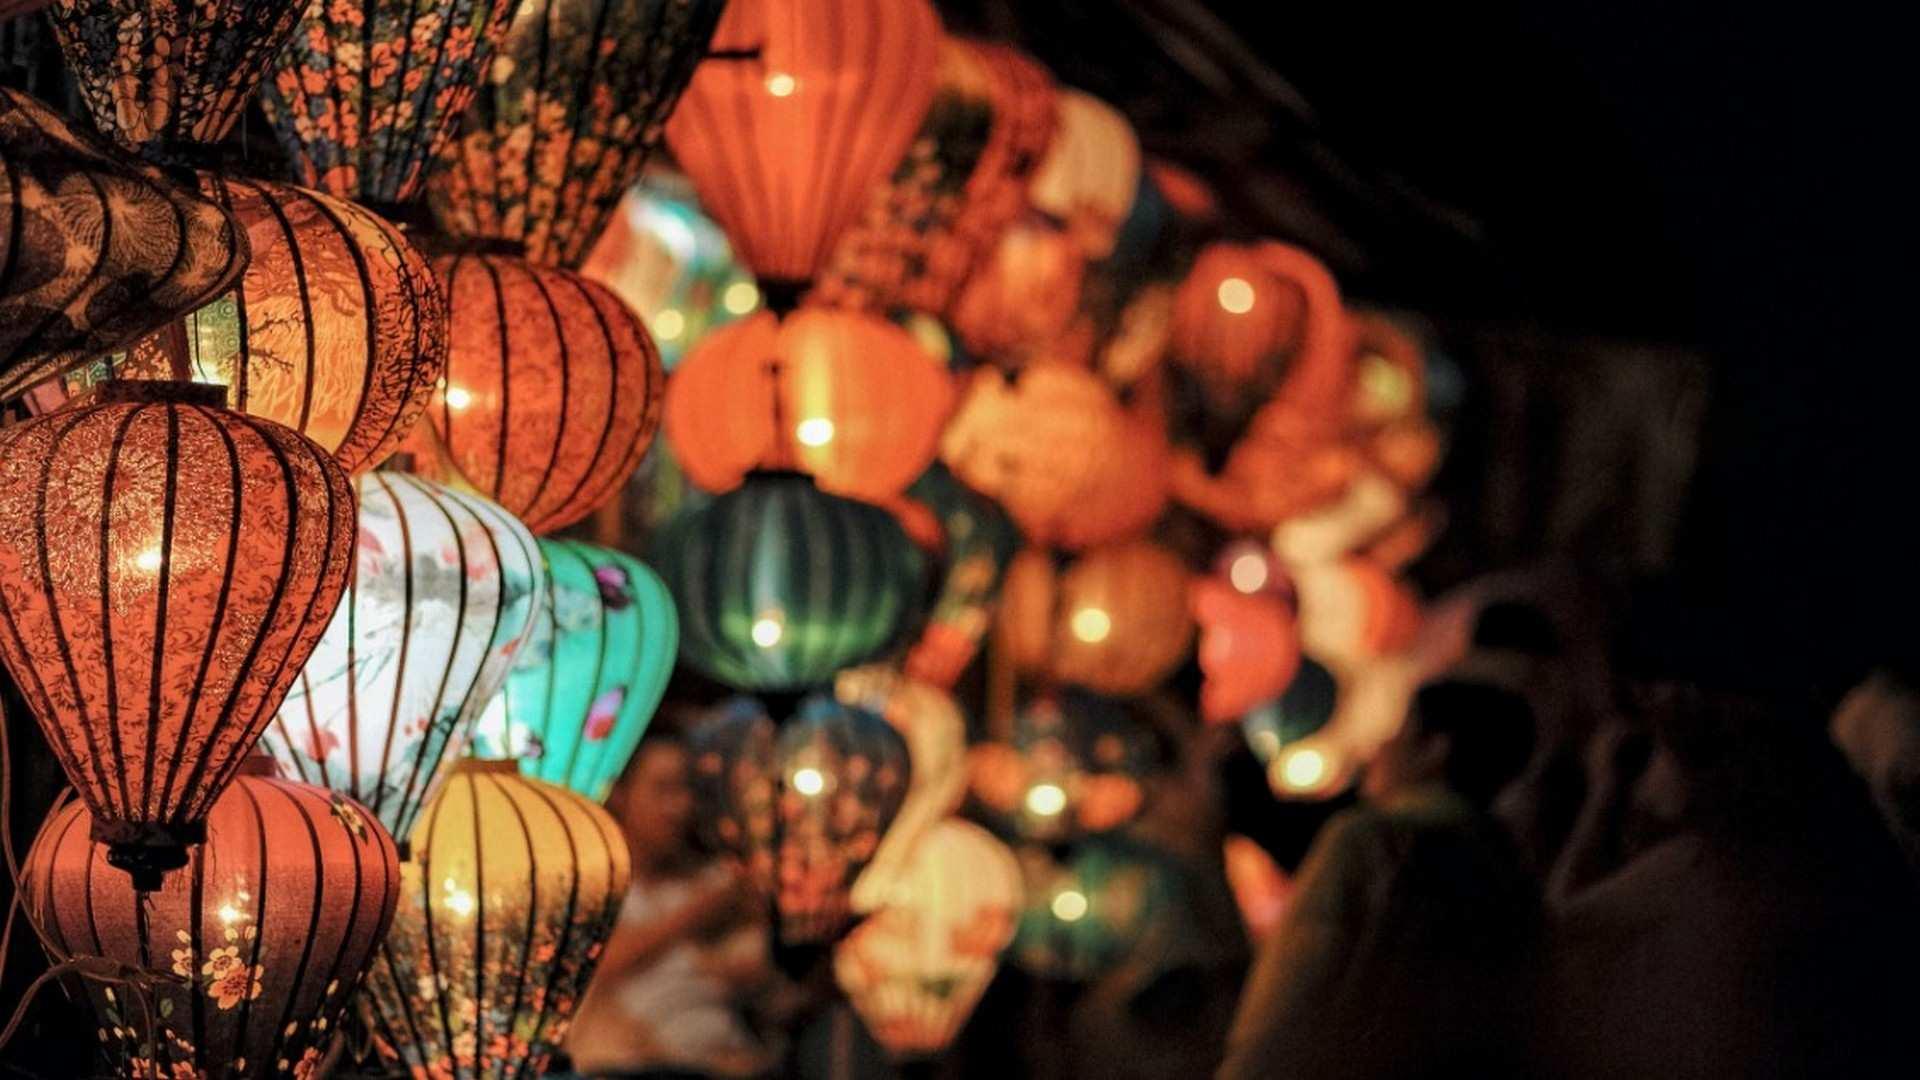 El festín del Año Nuevo chino, ¿Qué vinos lo podrían acompañar?